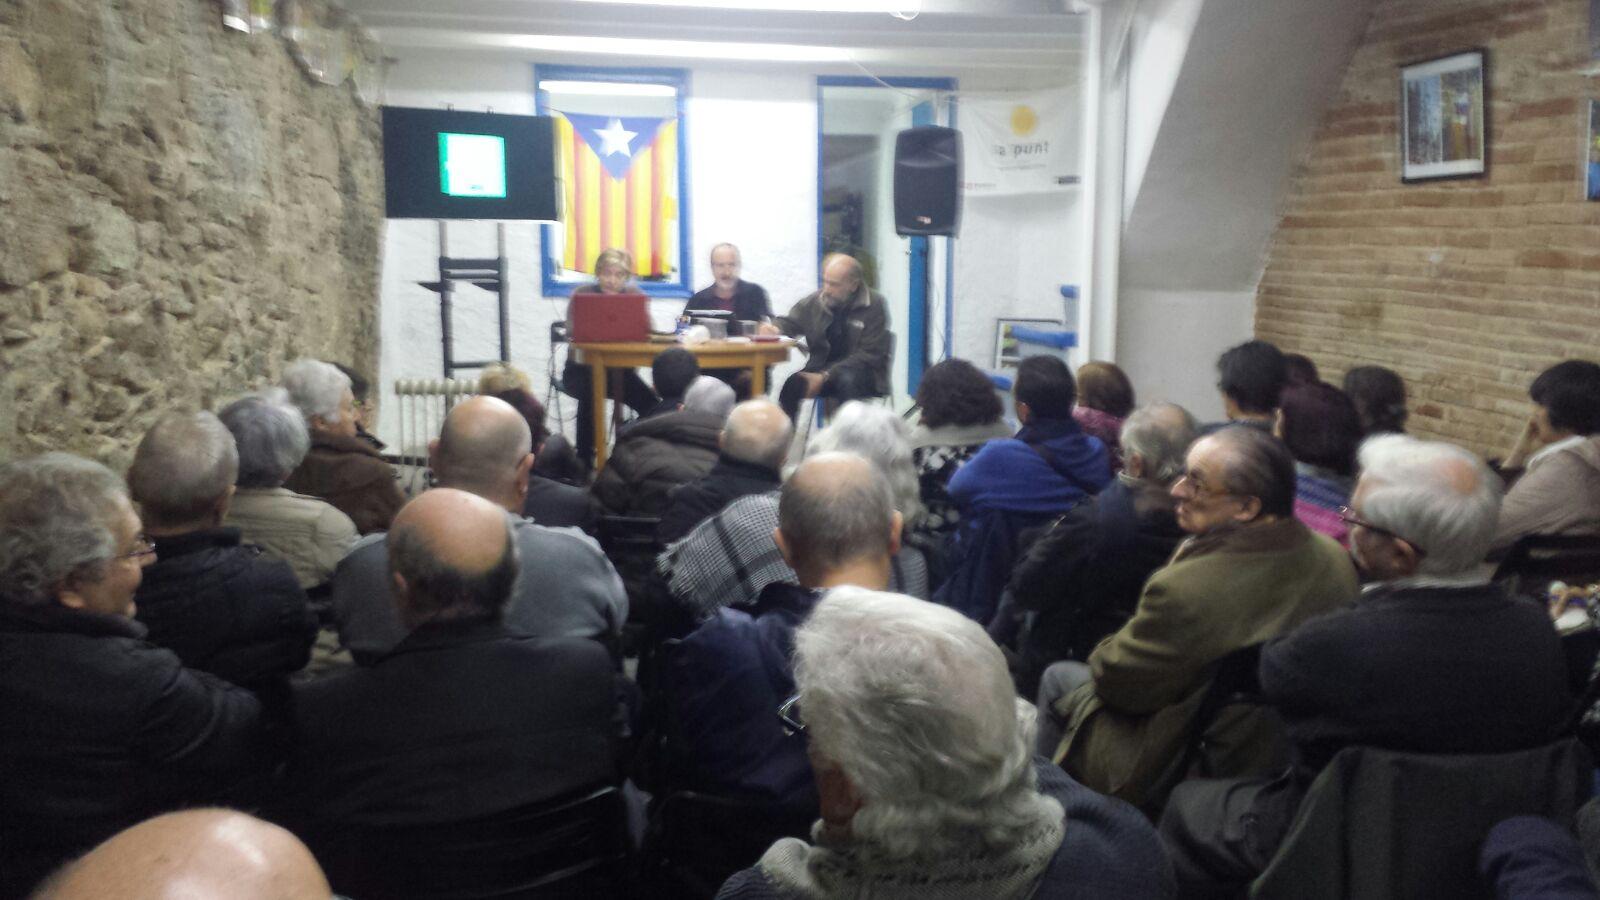 ASSEMBLEA GENERAL ORDINÀRIA de Sagrada Família per la Independència dimecres 31 de maig.